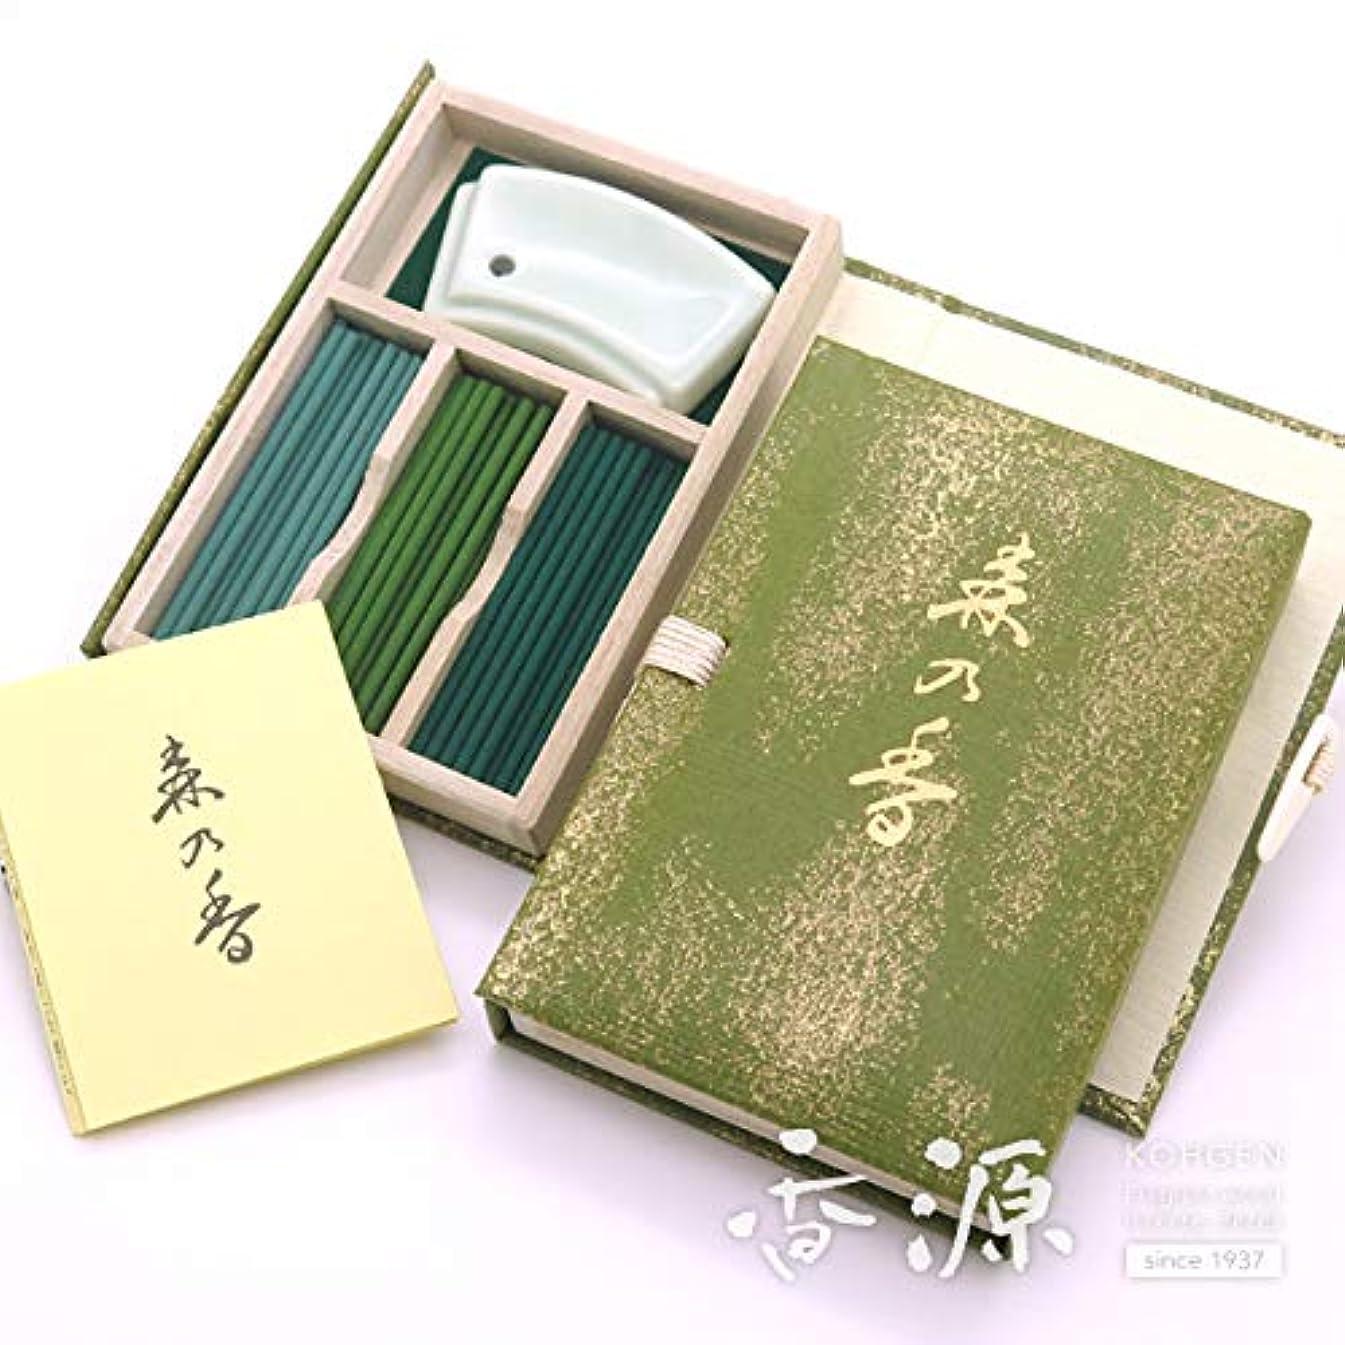 器用夫婦編集する日本香堂のお香 森の香 スティックミニ寸文庫型 60本入り